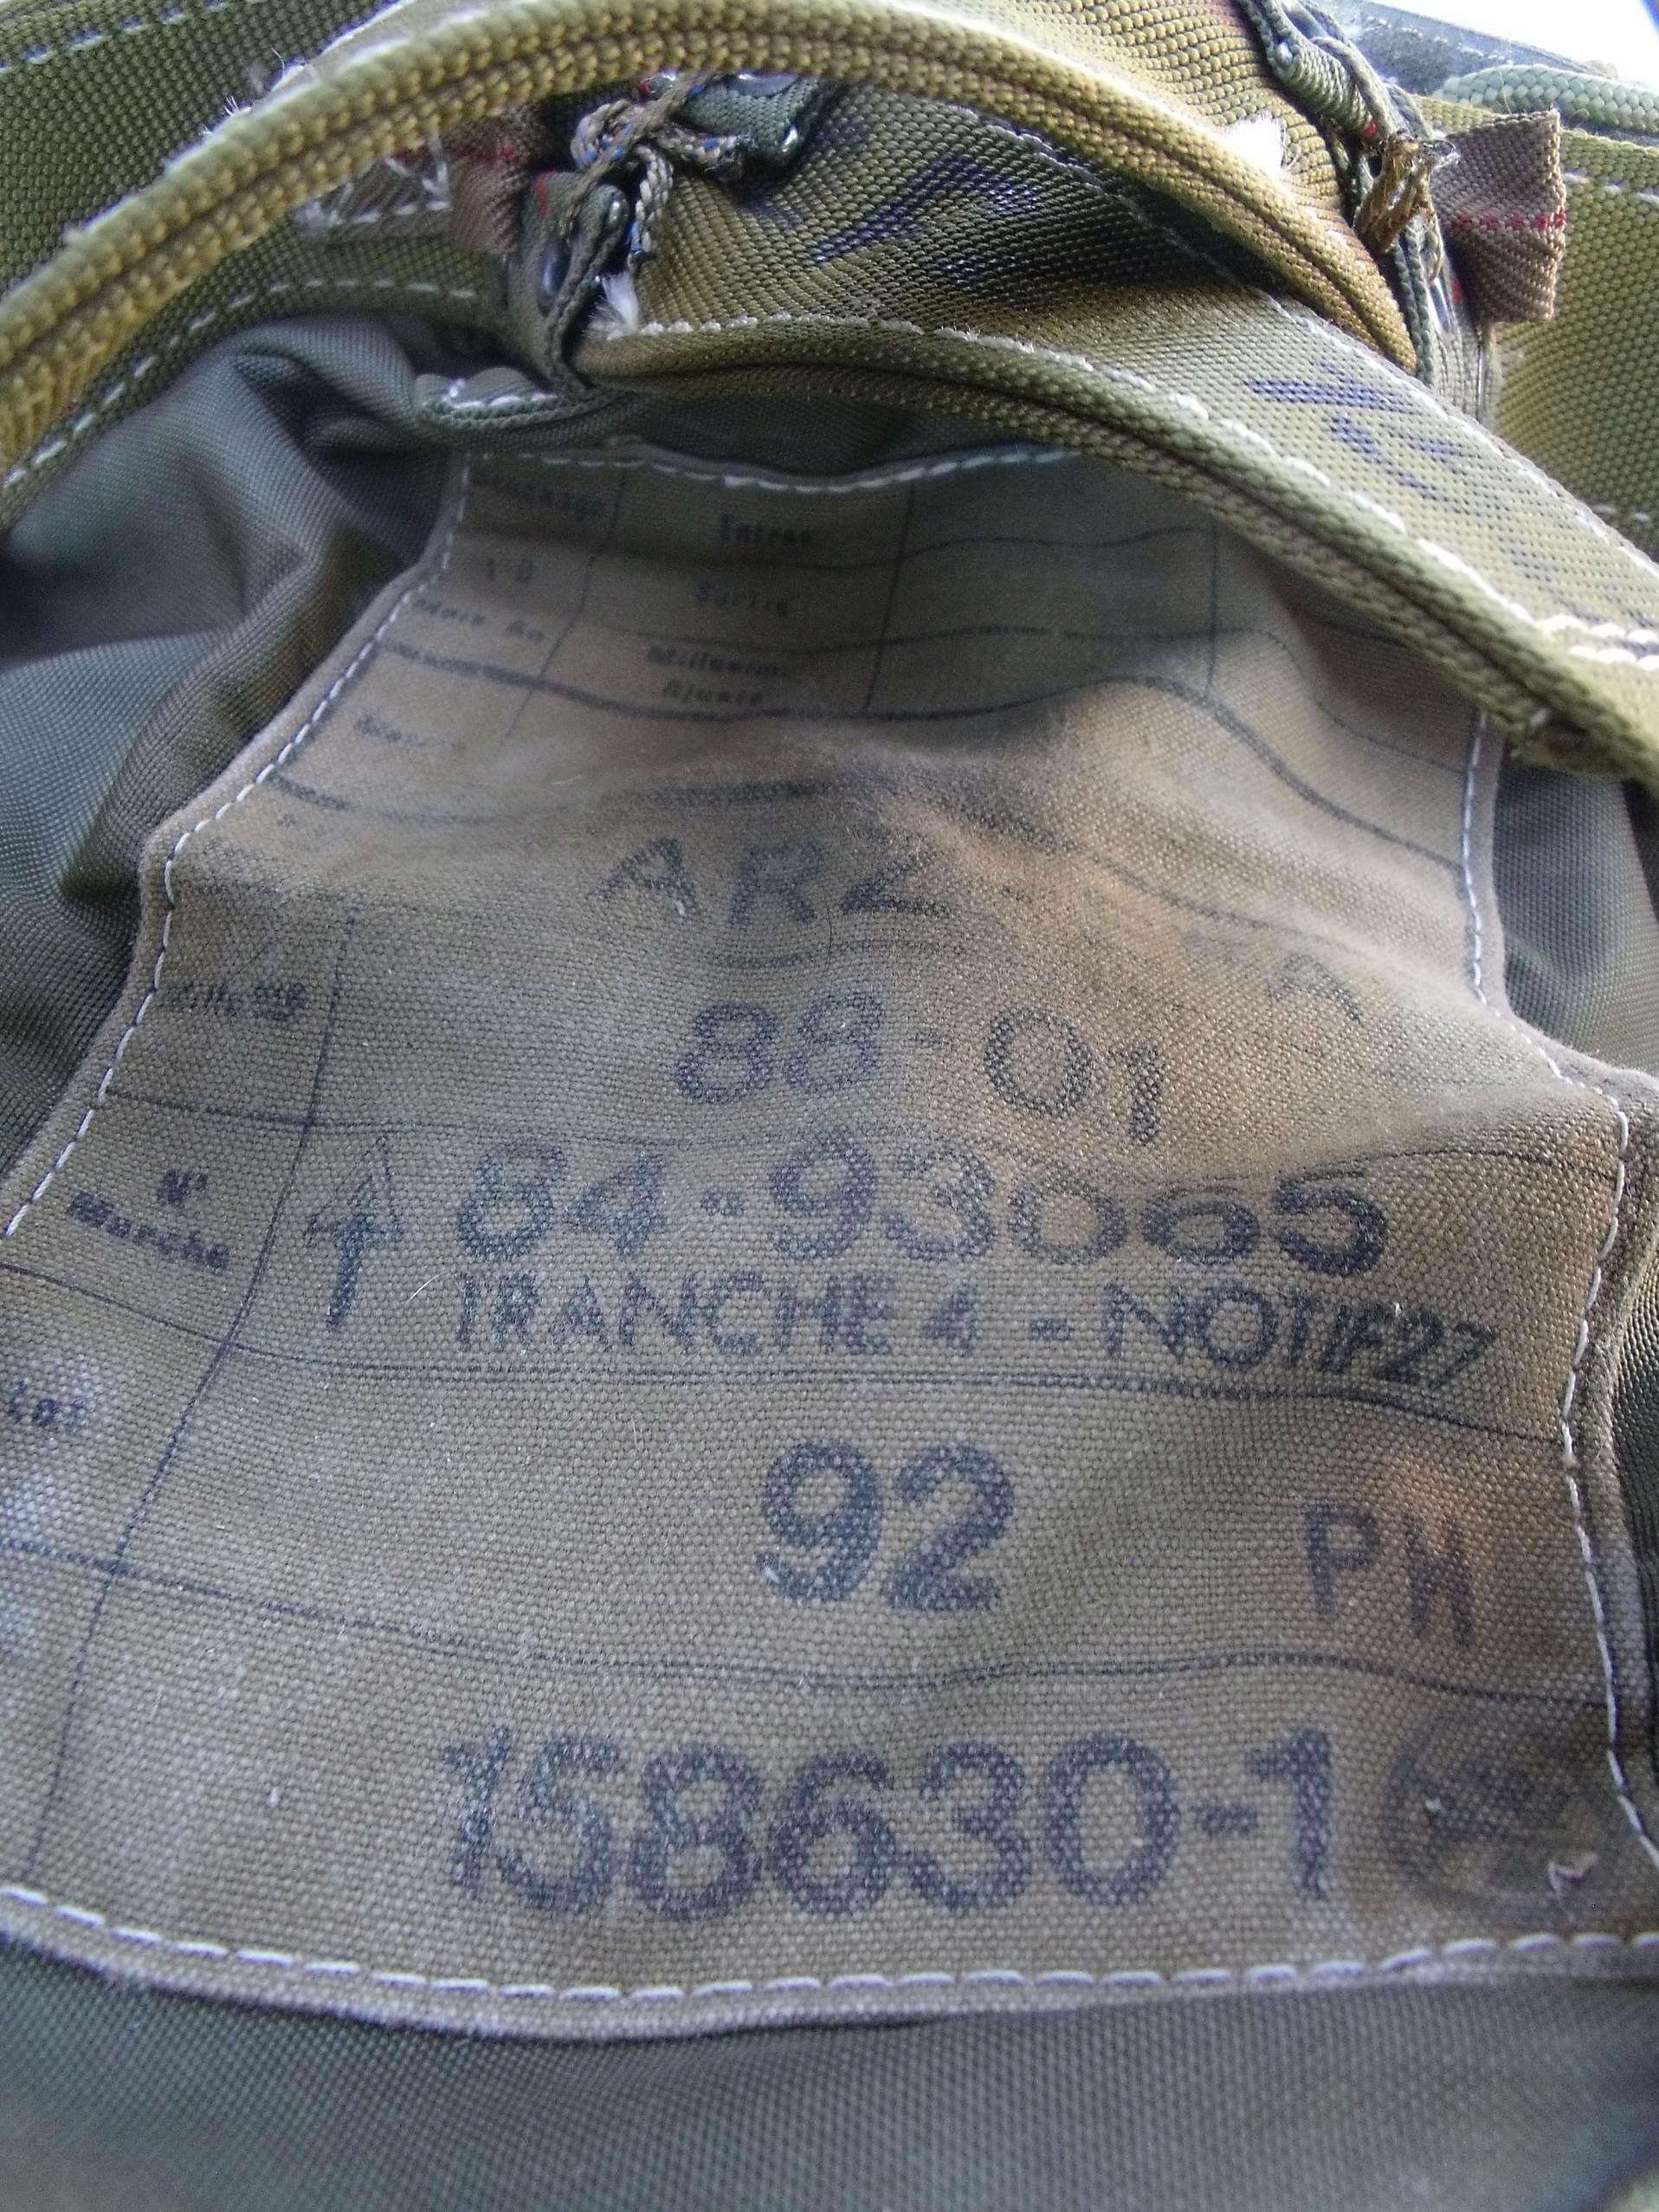 trouvaille parachute AERAZUR  00214